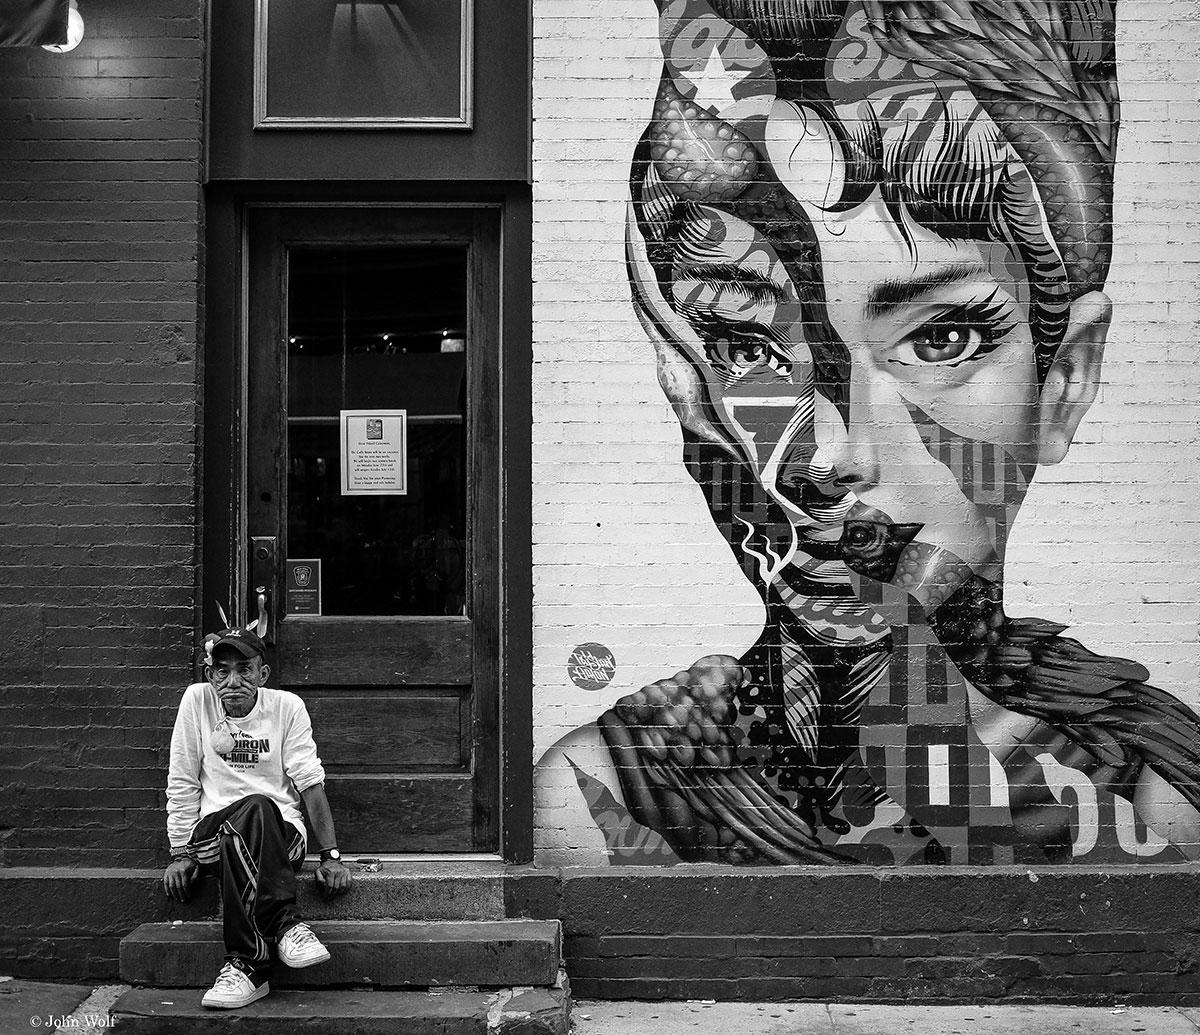 Homem sentado numas escadas, junto a um mural, em Nova Iorque.